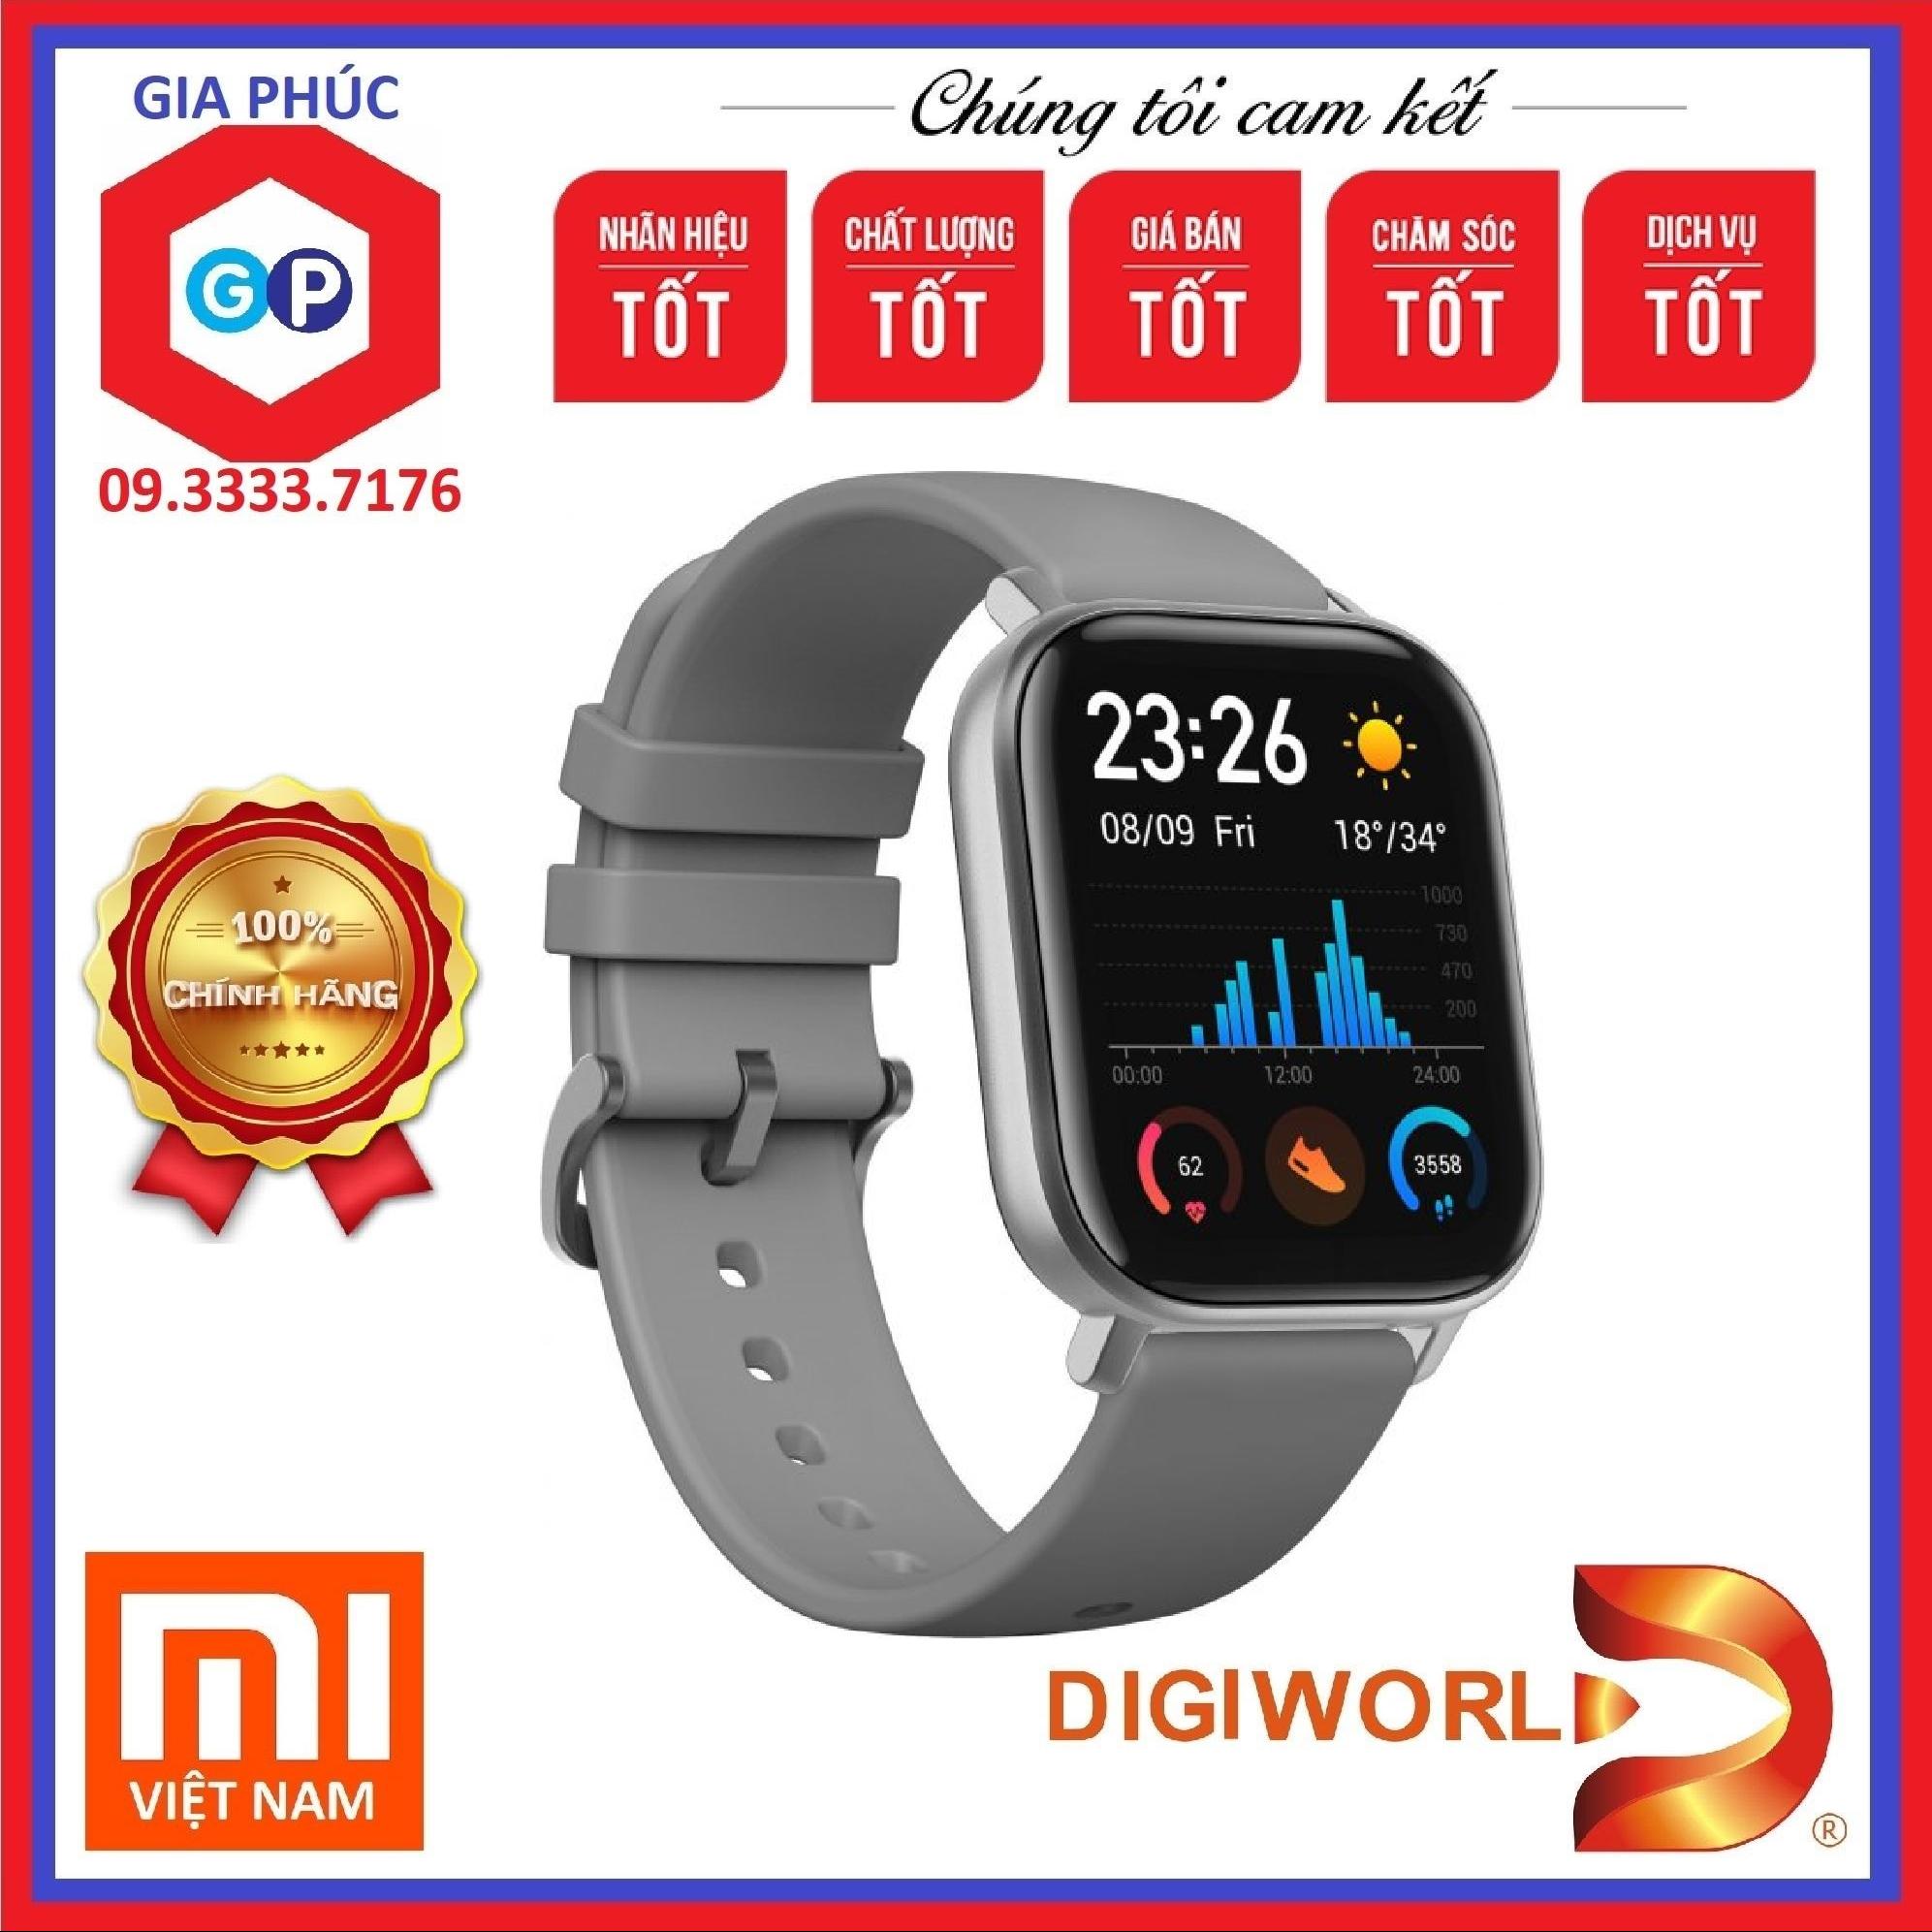 Đồng Hồ Thông Minh Huami Amazfit GTS - Hàng chính hãng Digiworld